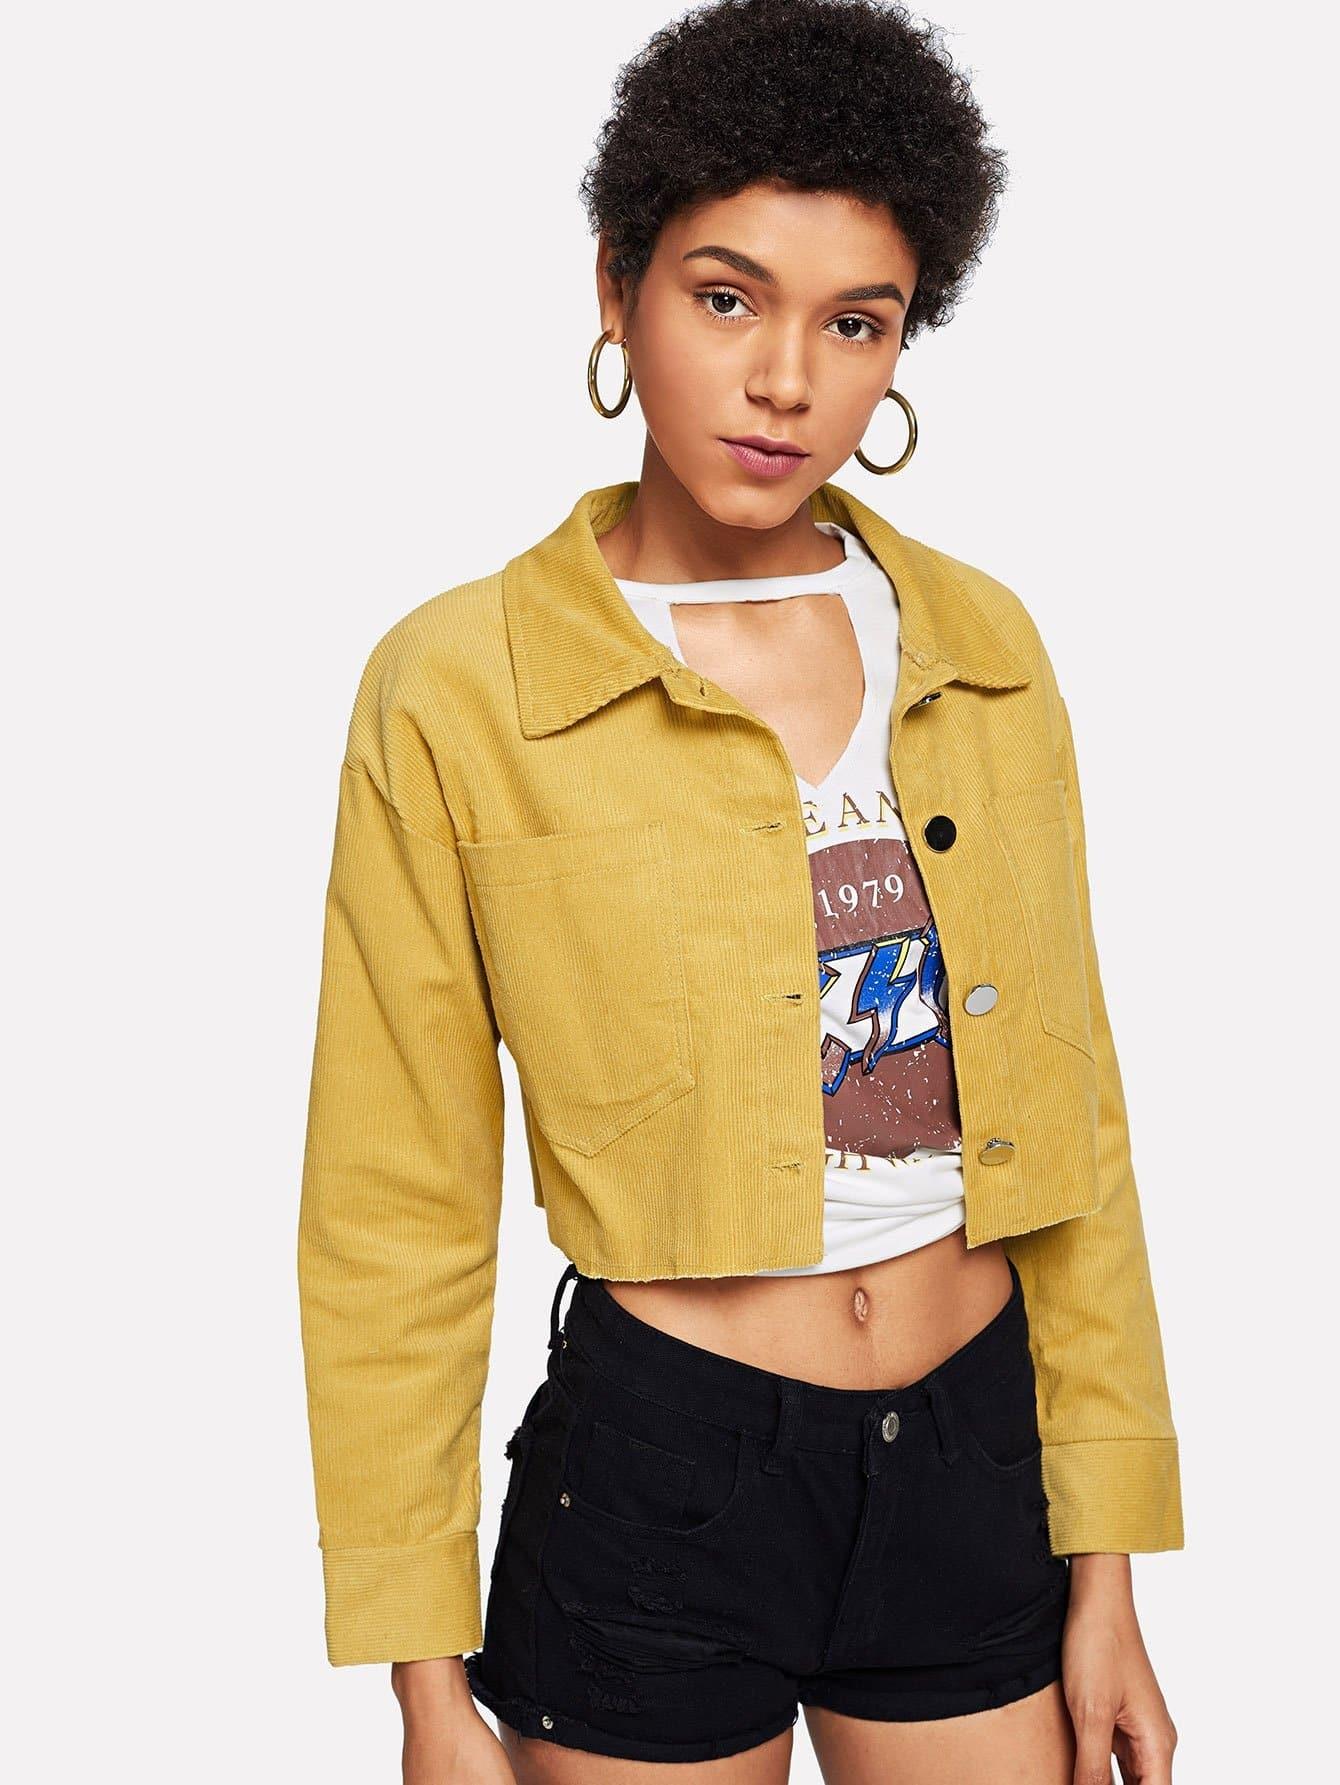 Купить Повседневный Одноцветный на пуговицах Имбирный Жакеты + Куртки, Ana, SheIn